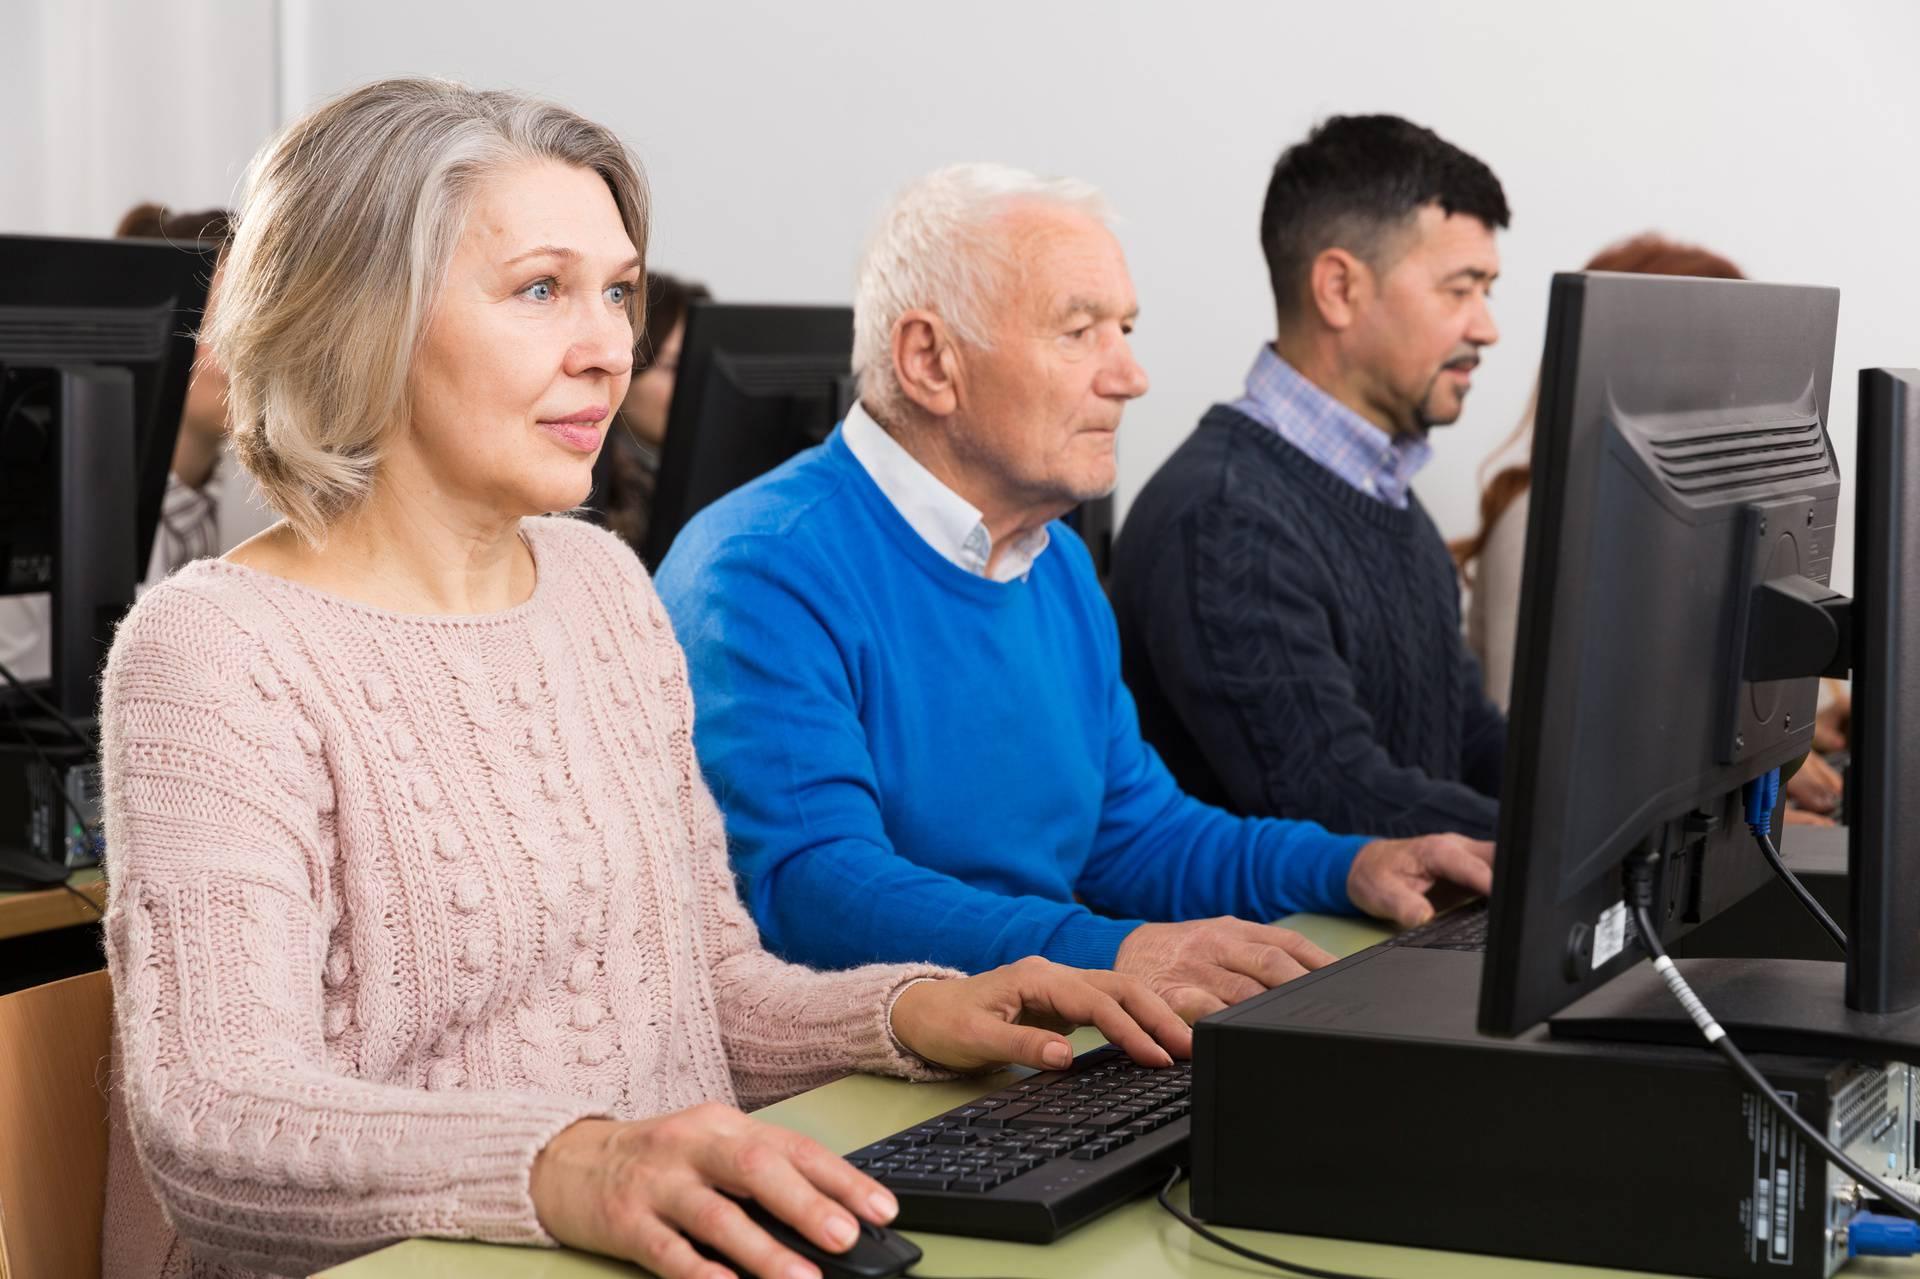 Sve više starijih zaposlenika se diskriminira na poslu zbog dobi